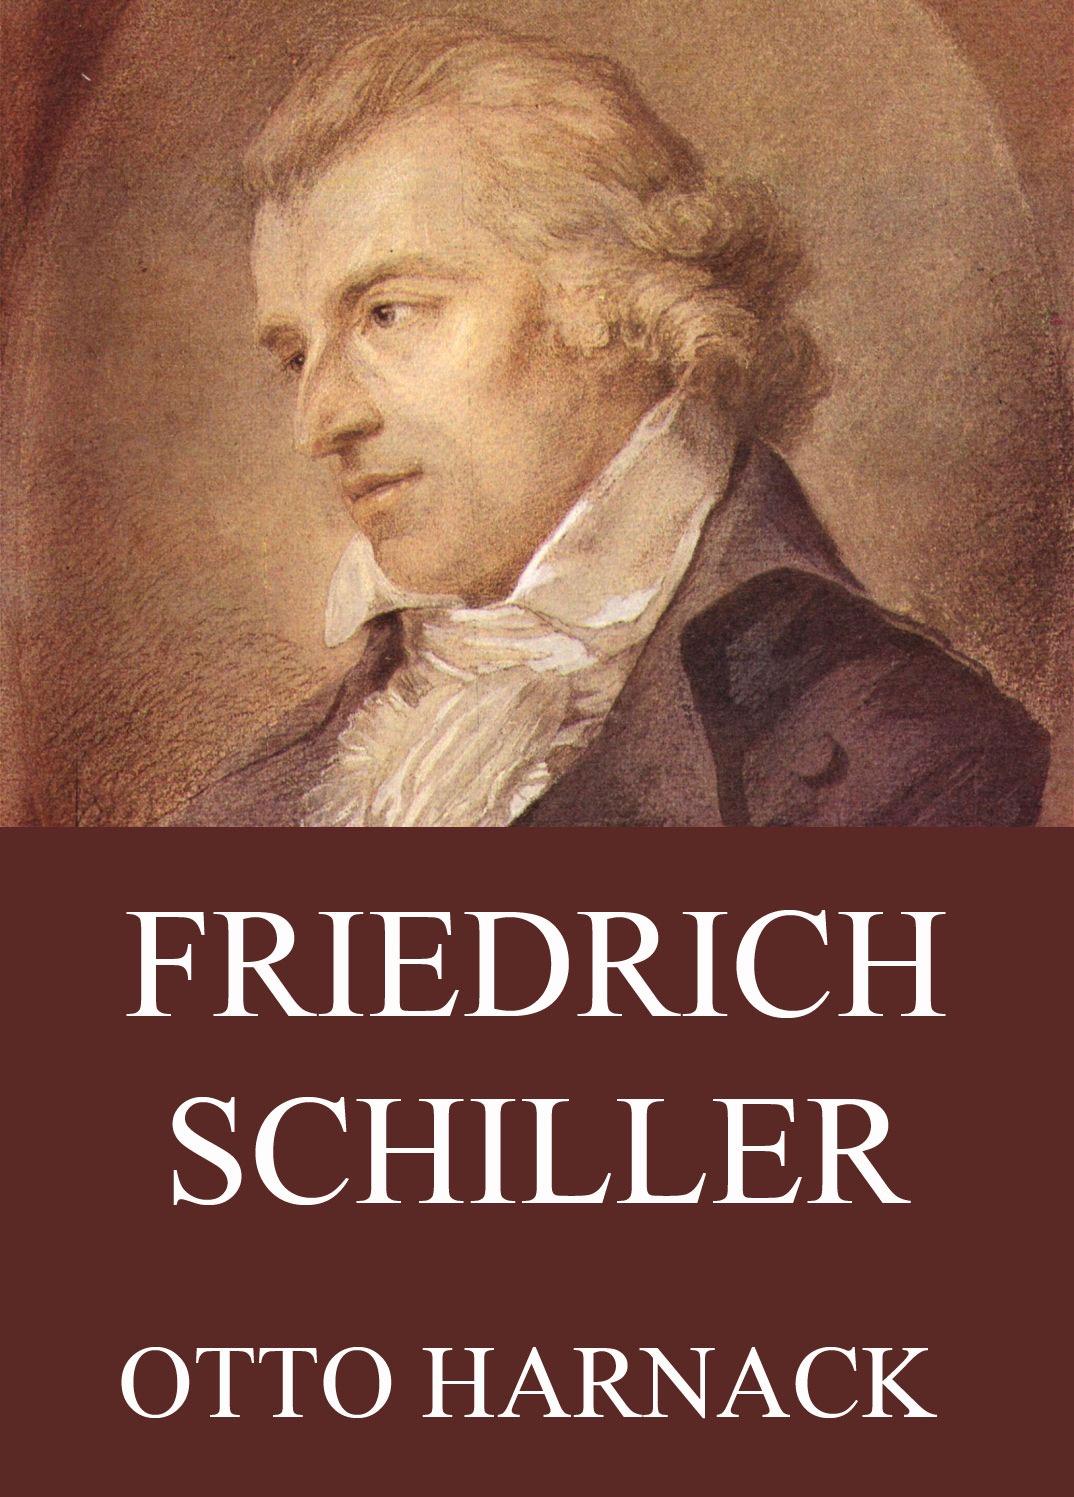 Otto Harnack Friedrich Schiller friedrich von schiller the poems of schiller suppressed poems